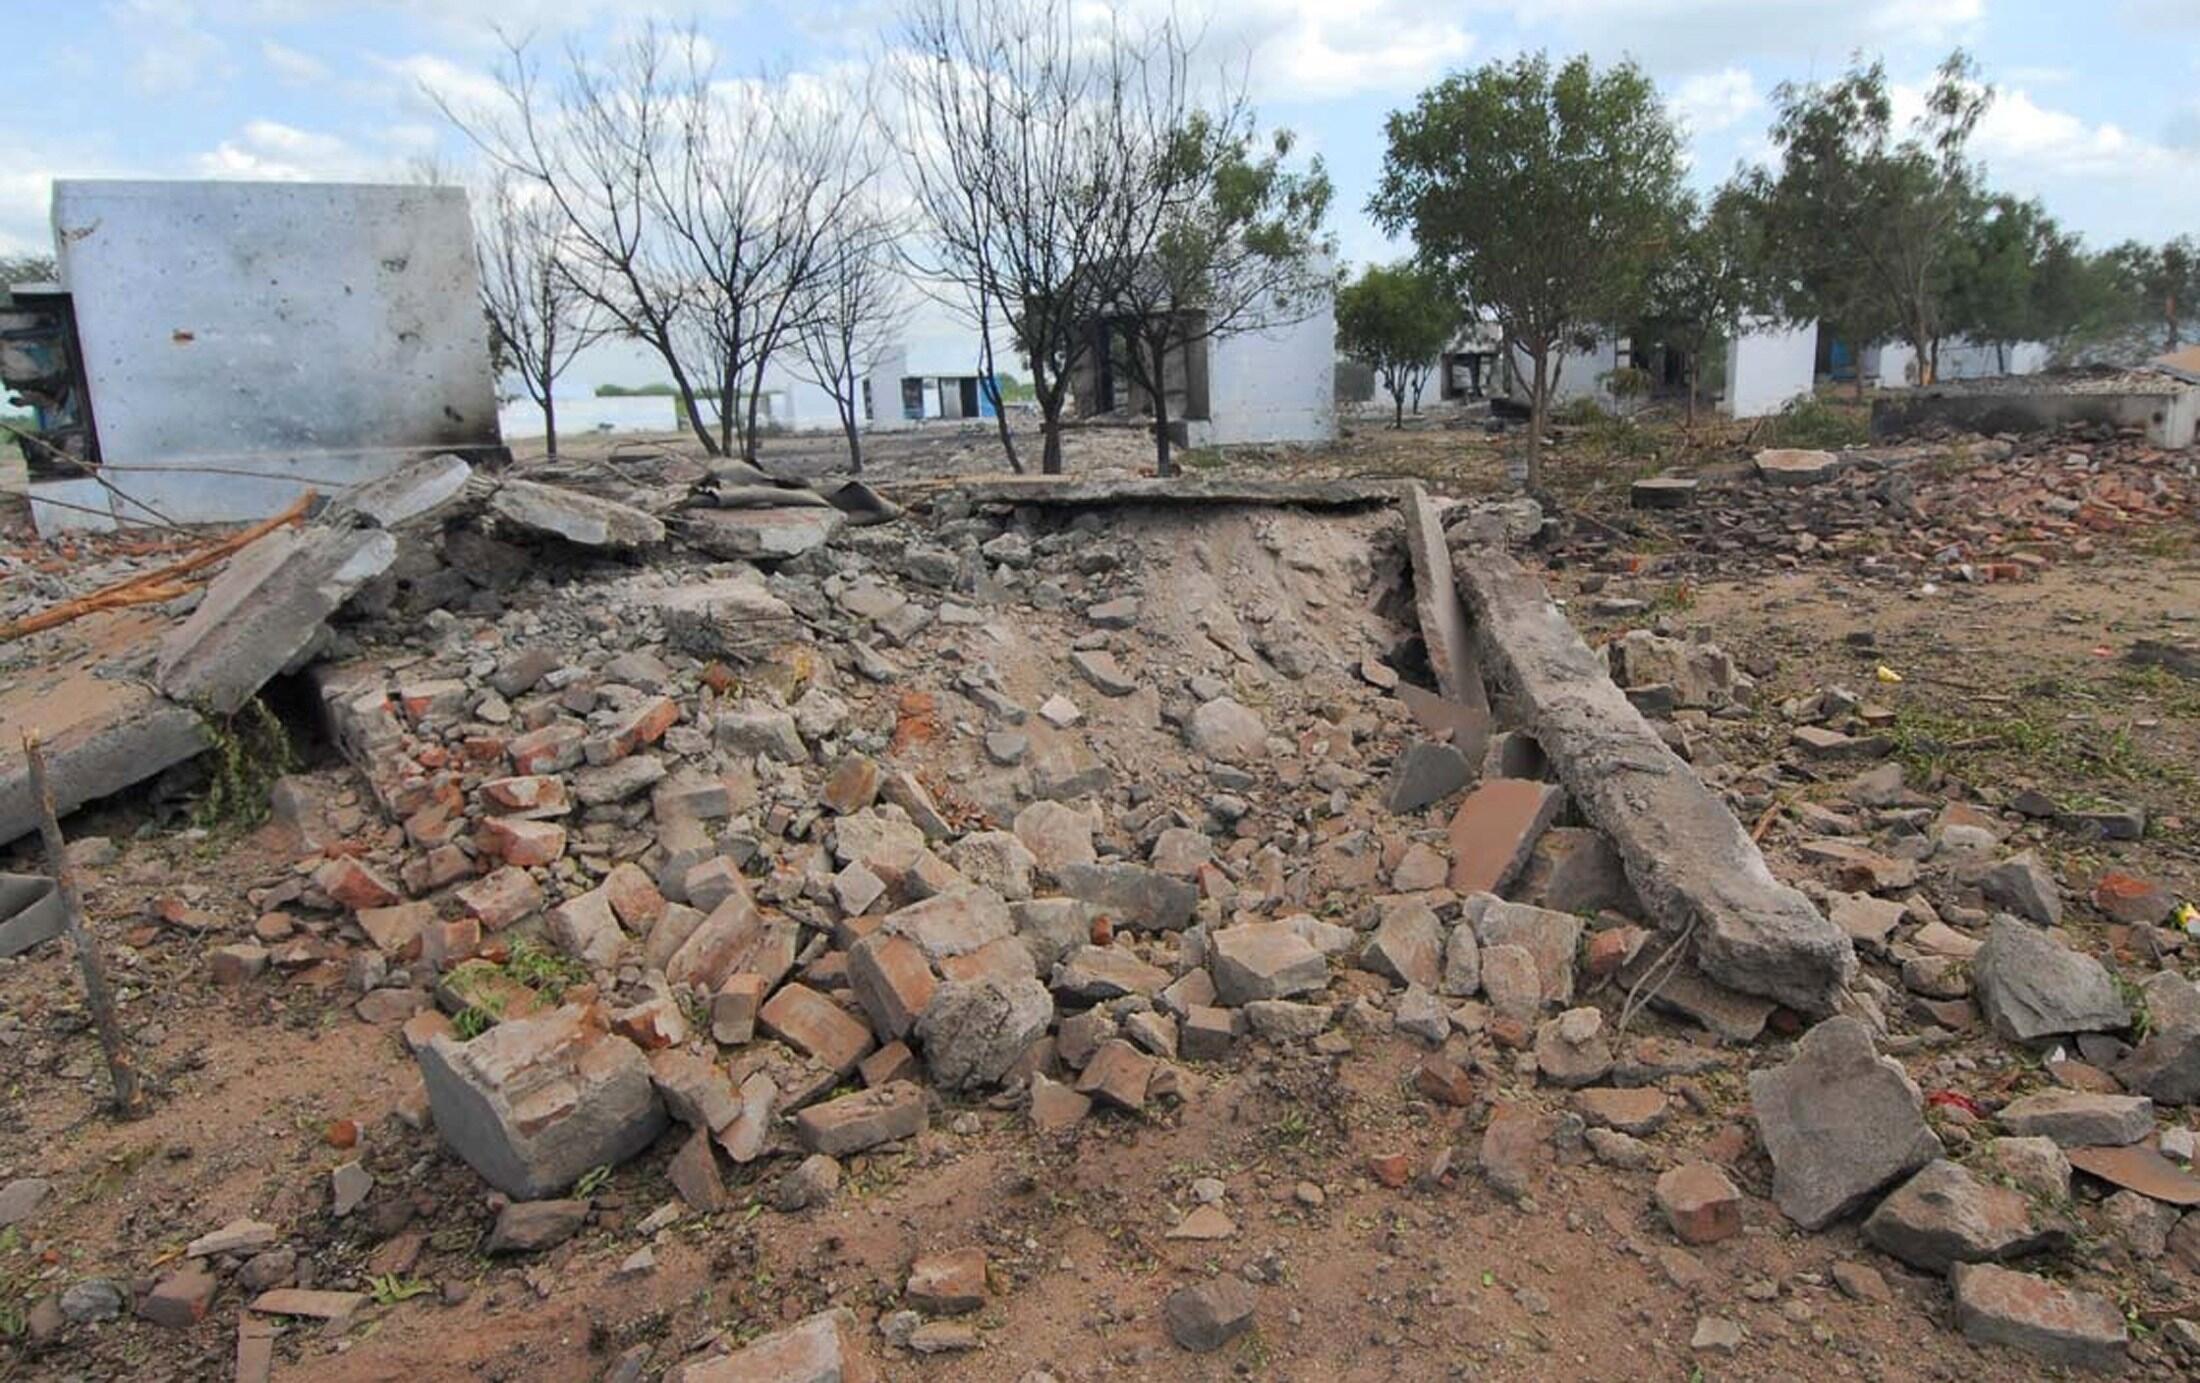 Vista geral da fábrica de fogos de artifício indiana, em Sivakasi, onde ocorreu acidente com 33 vítimas fatais nesta quarta-feira.